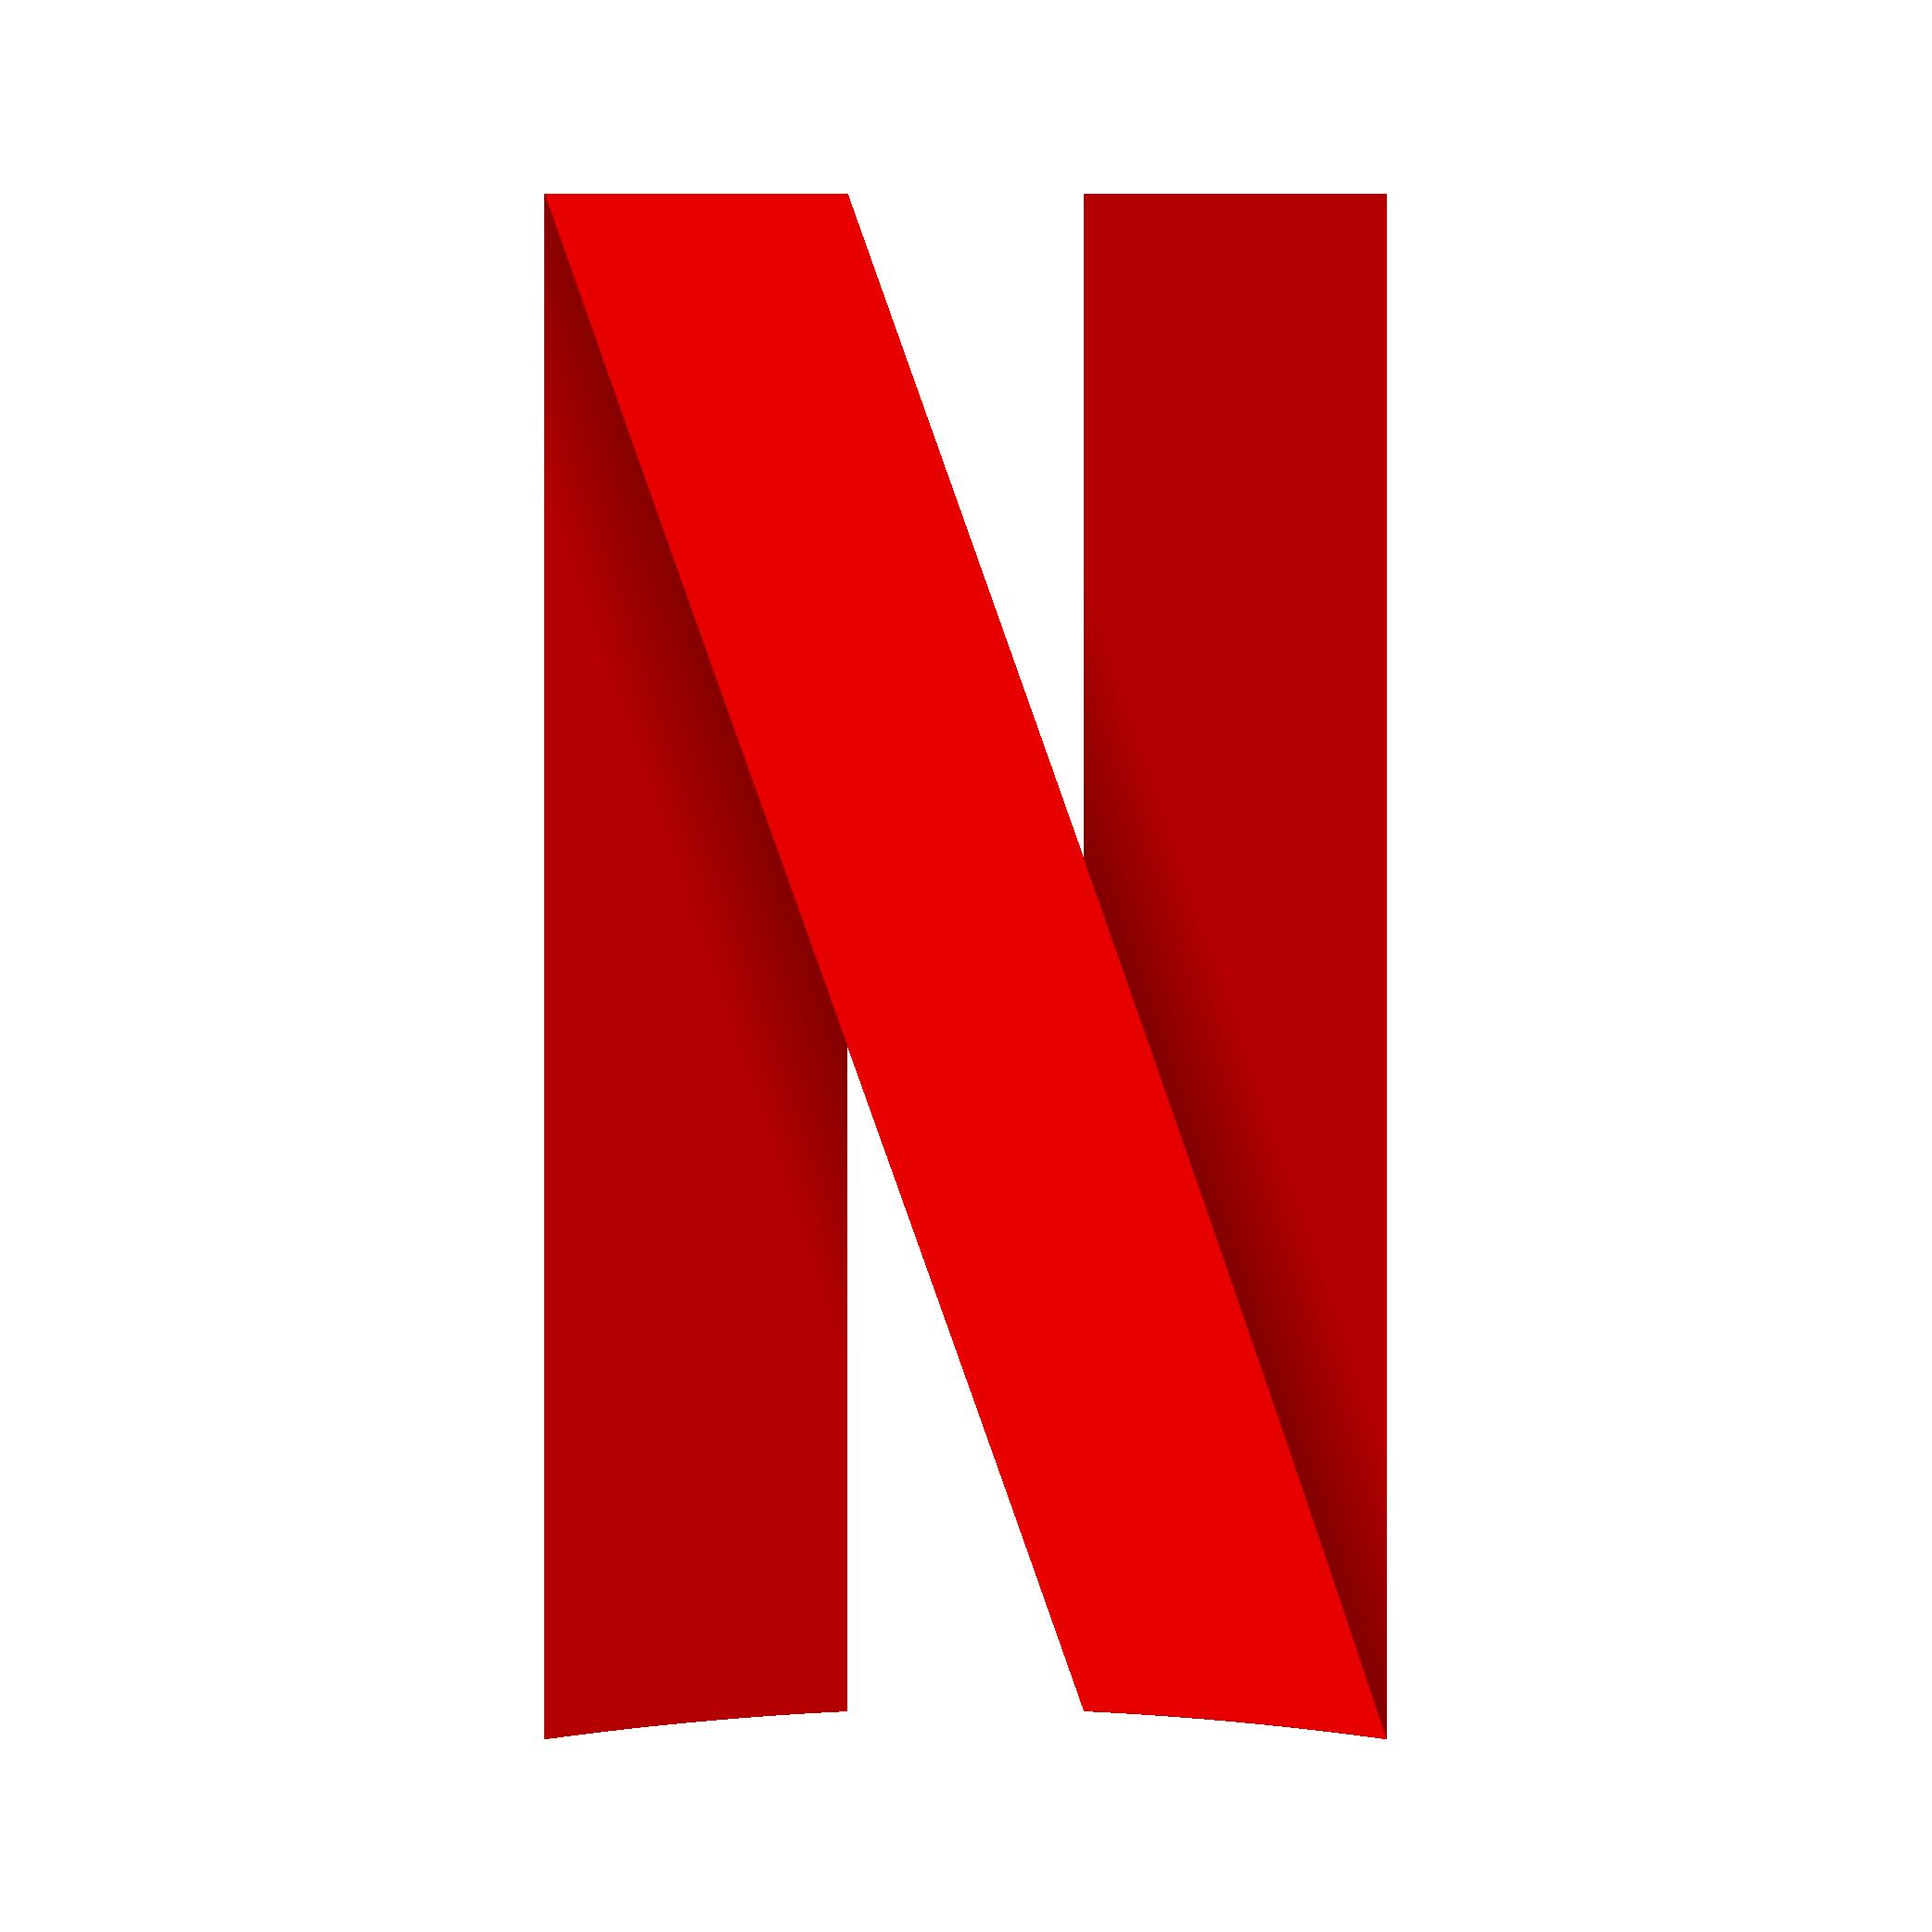 Icône Netflix HD⎪Vector illustrator (ai.) Disenos de unas